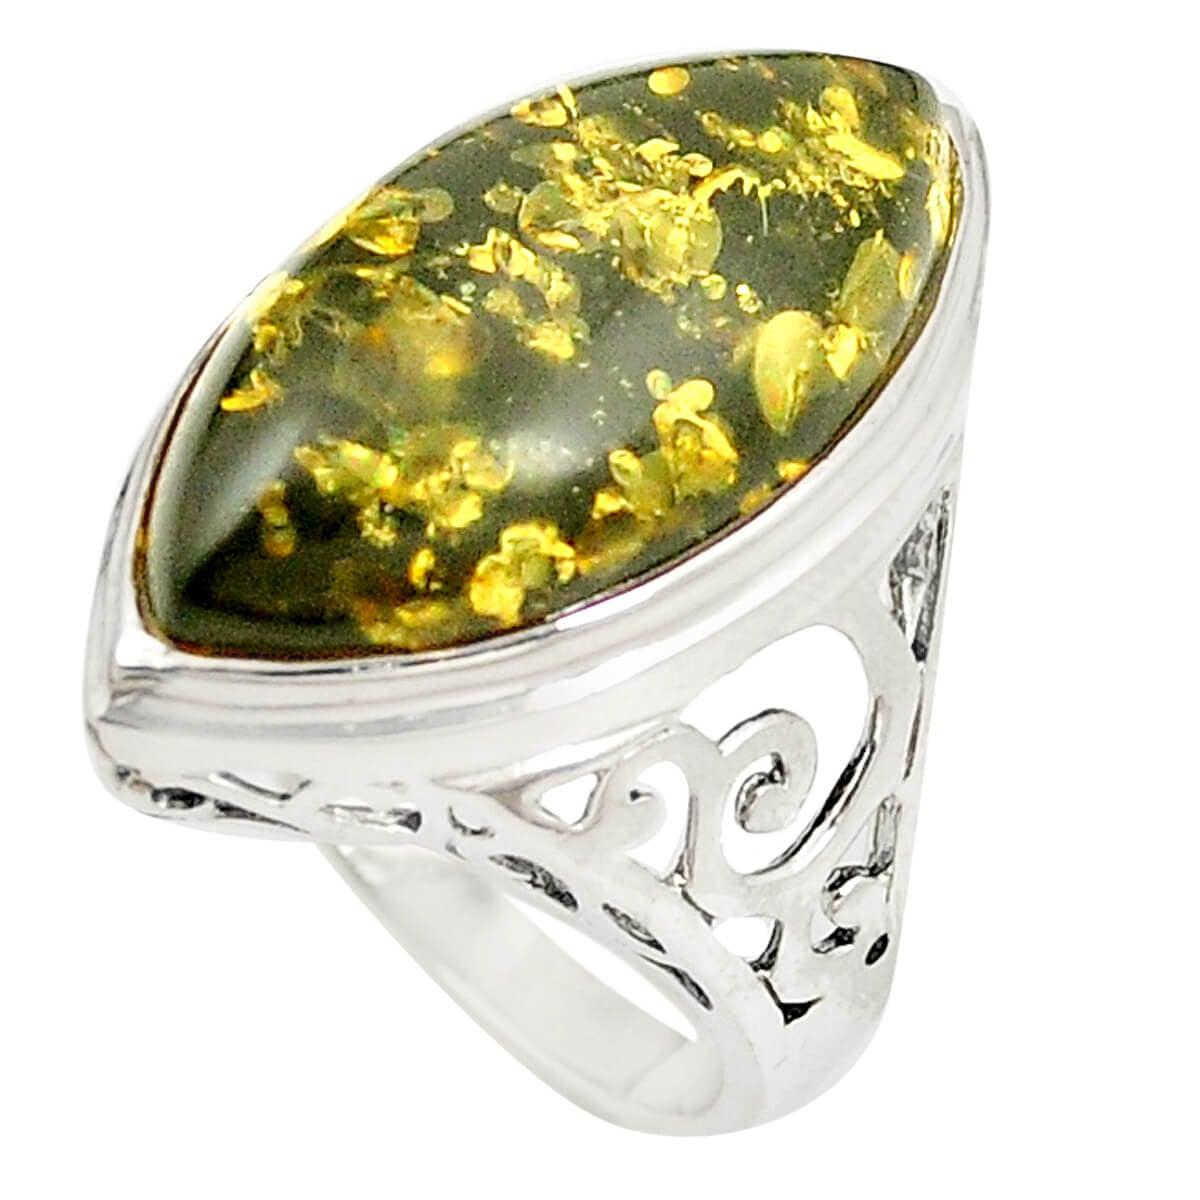 טבעת כסף משובצת ענבר ירוק RG5887 | תכשיטי כסף 925 | טבעות כסף